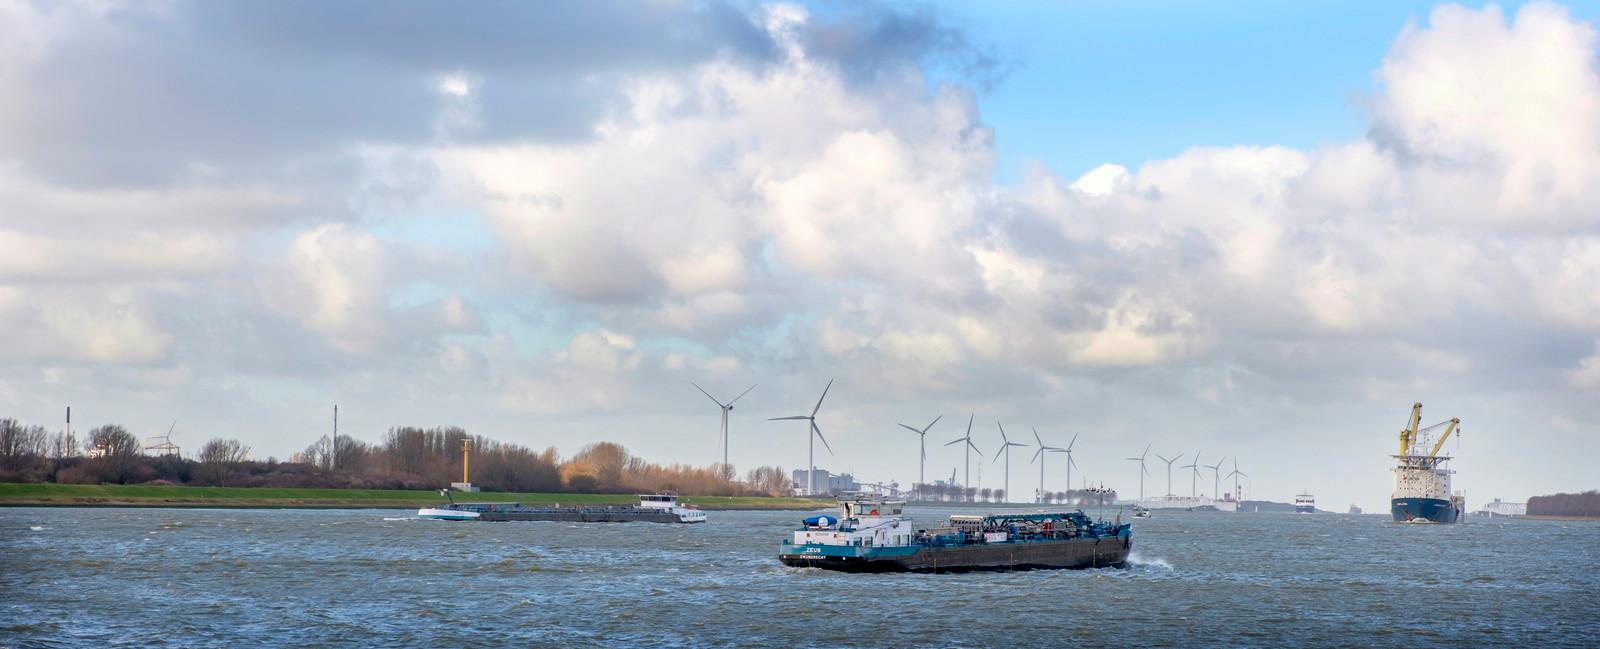 De landtong Rozenburg, gezien vanuit Maassluis. Er komen hogere windmolens.